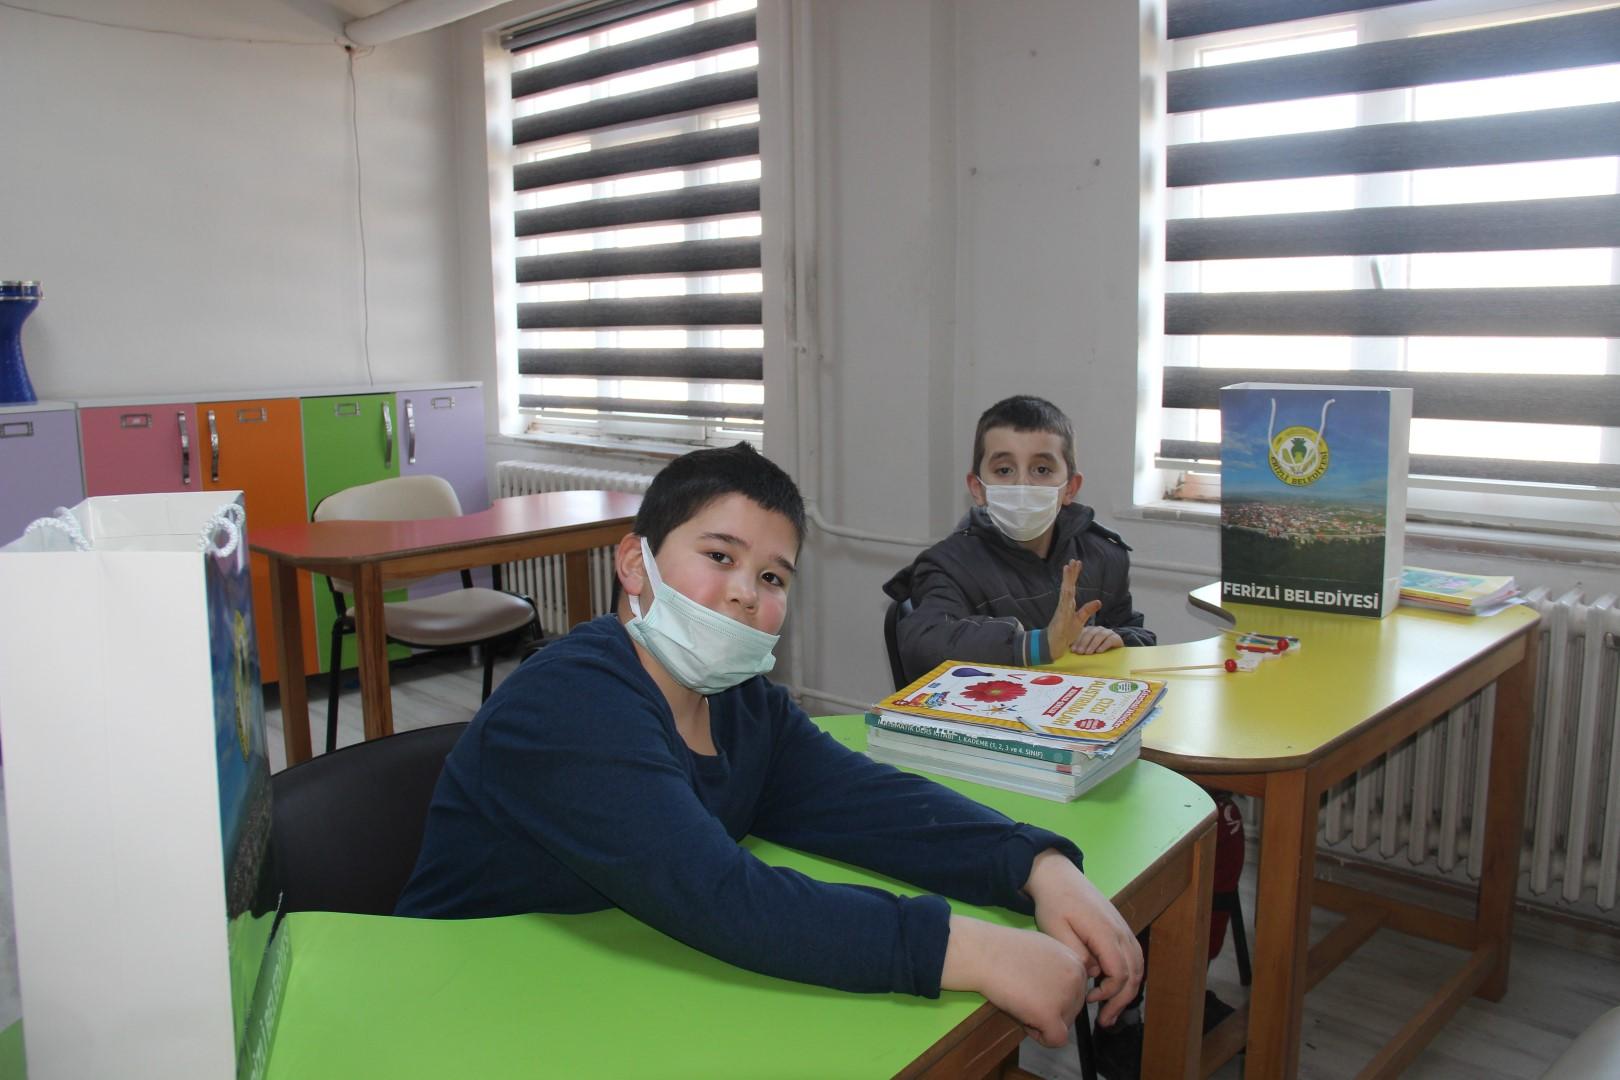 Ferizli'de Özel Eğitim Gören Öğrenciler Ziyaret Edildi